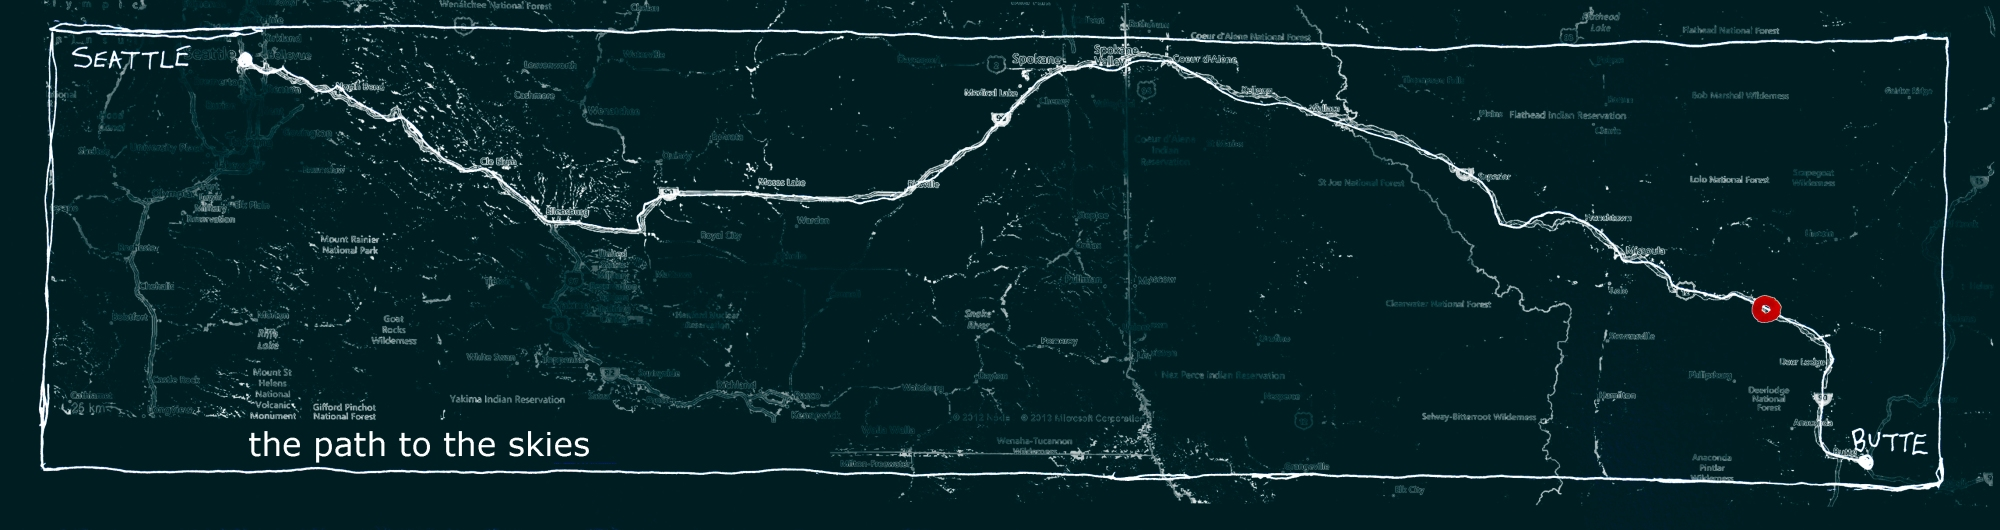 481 map